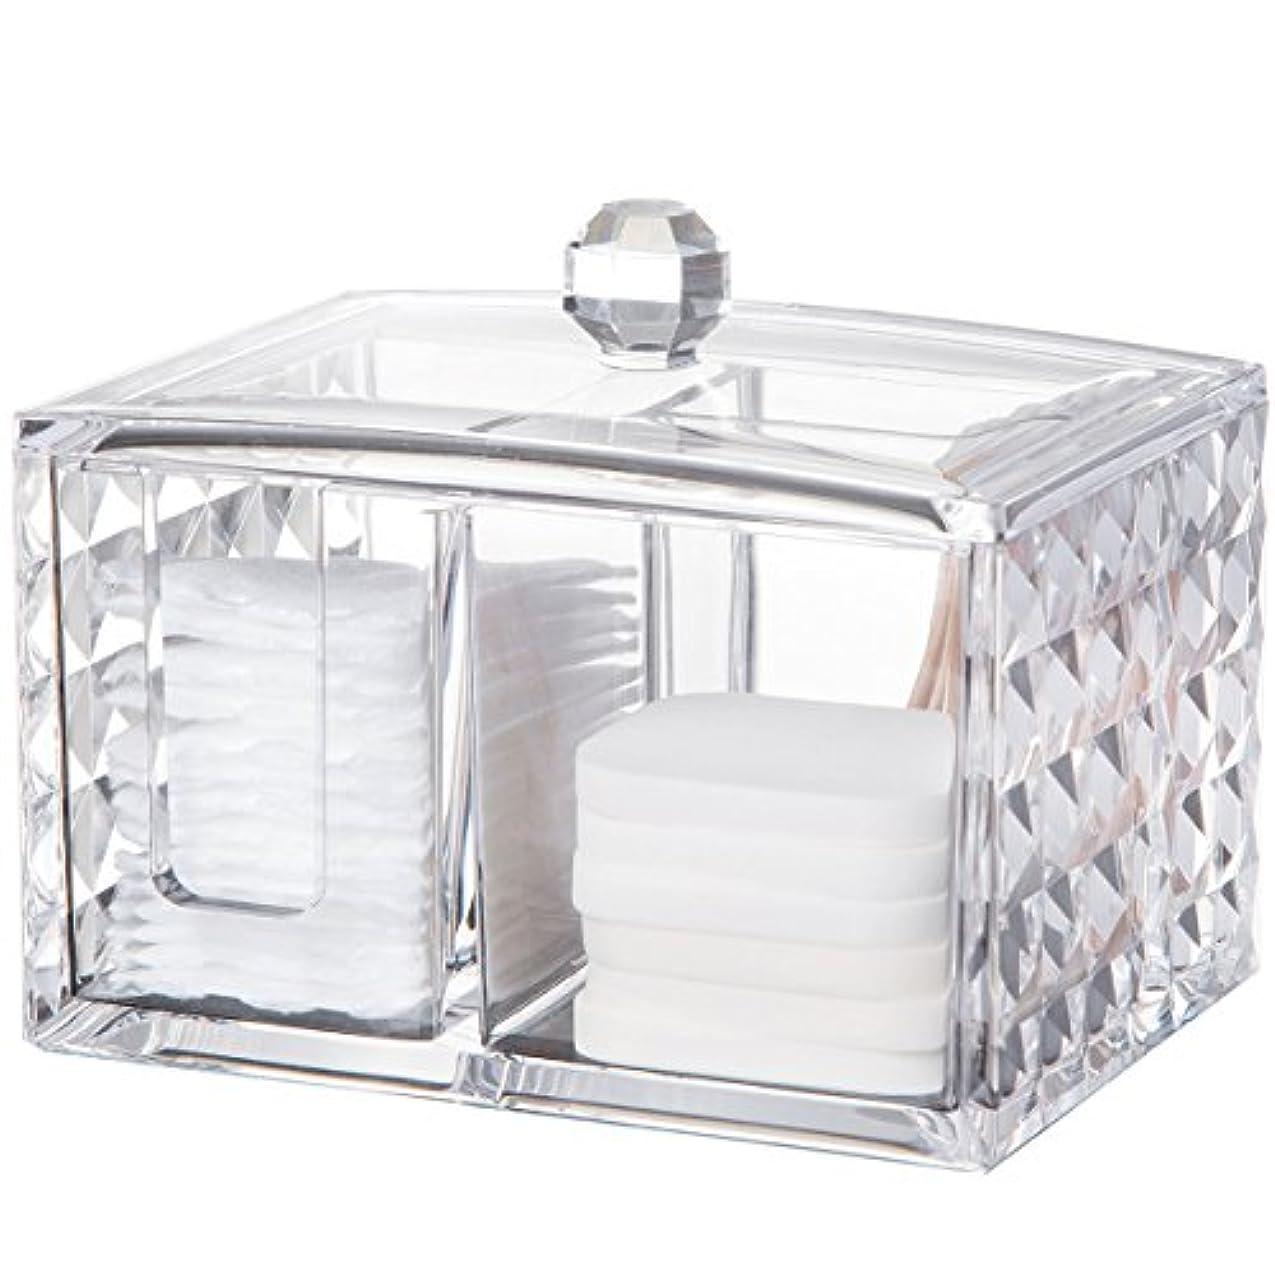 適用済み連続的ひもコスメボックス 綿棒収納ボックス アクリル製 ダイヤモンド模様 多功能 コスメ小物用品?化粧品収納ケース 透明 (正方形)